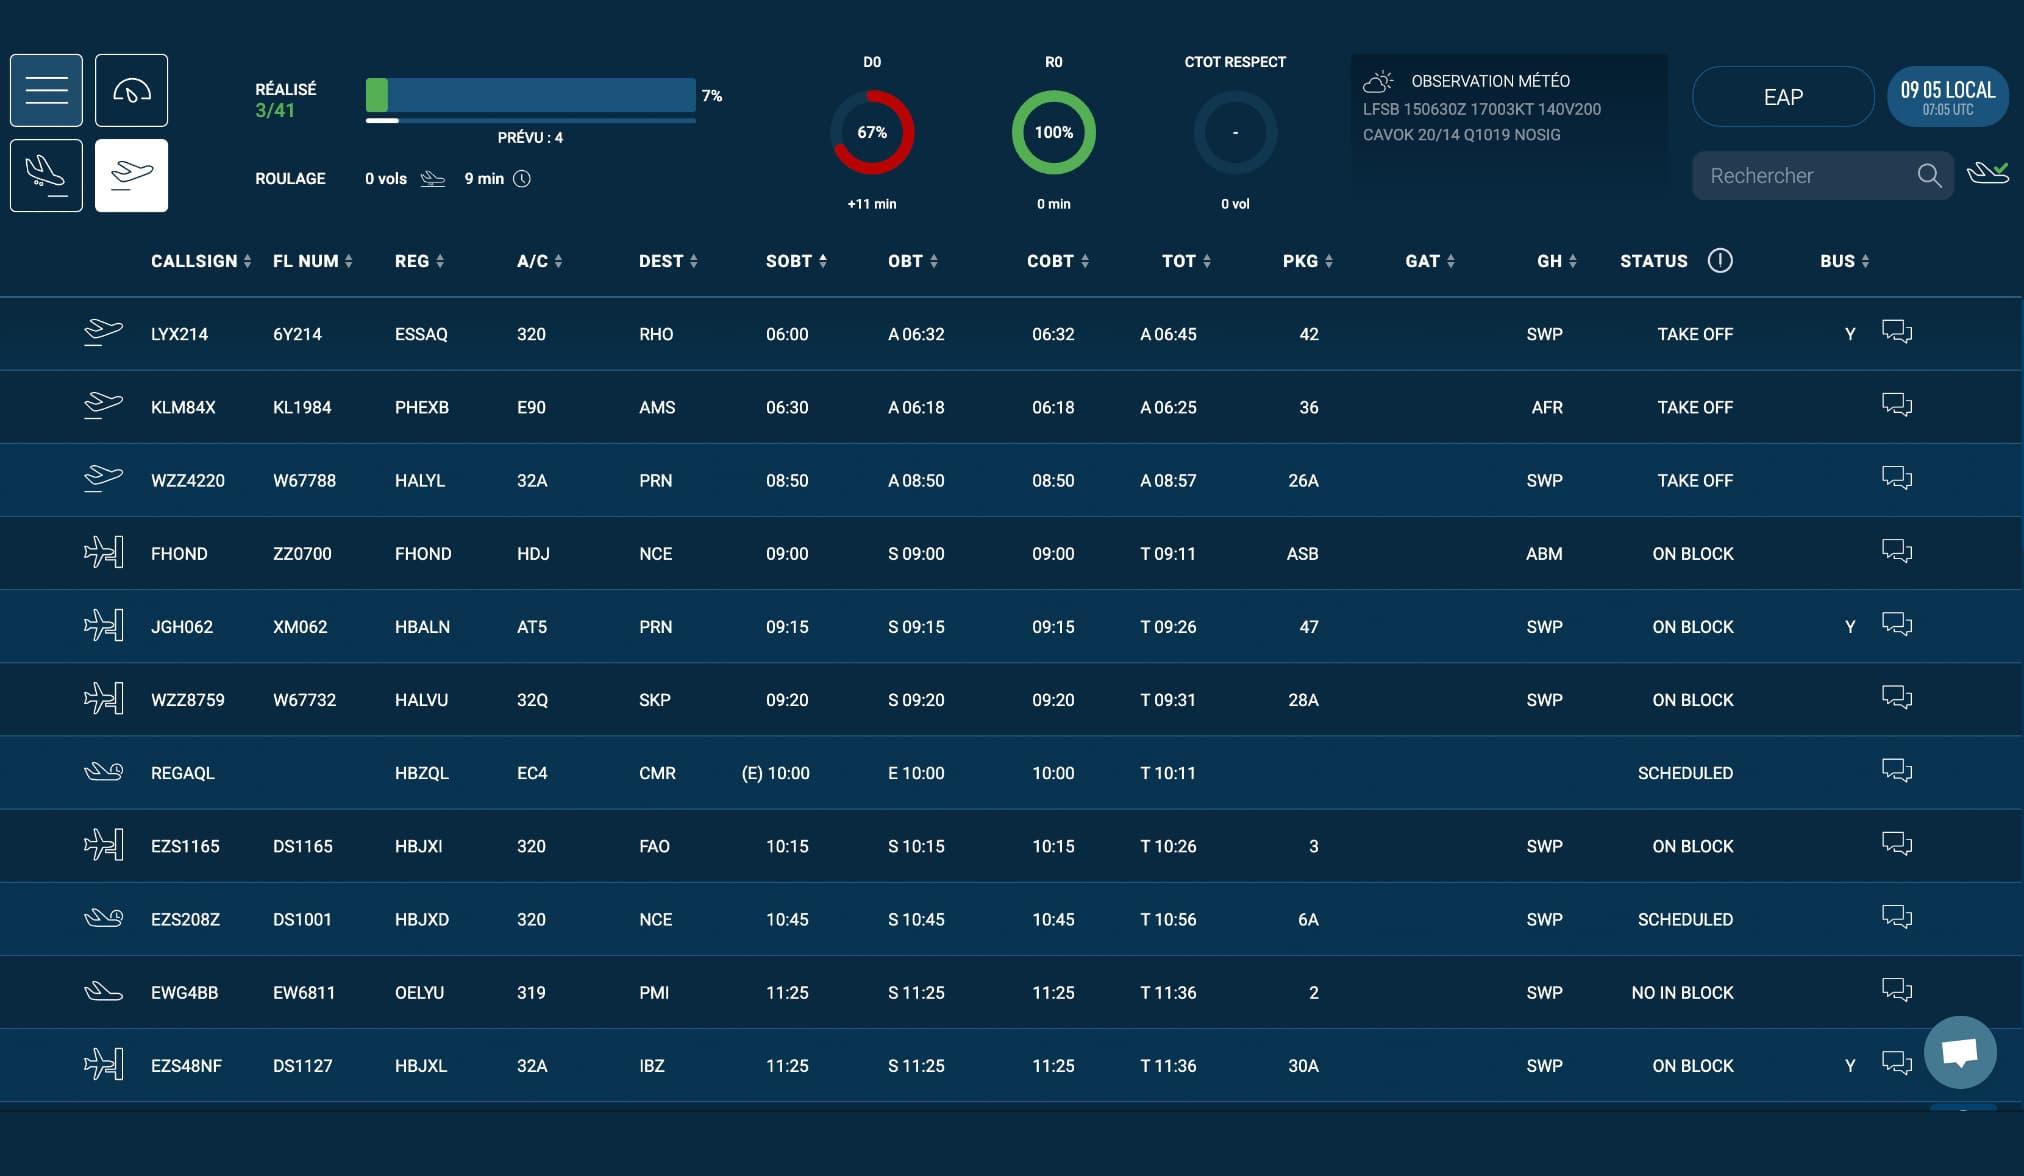 Système de suivi des performances arrivée/rotation jour